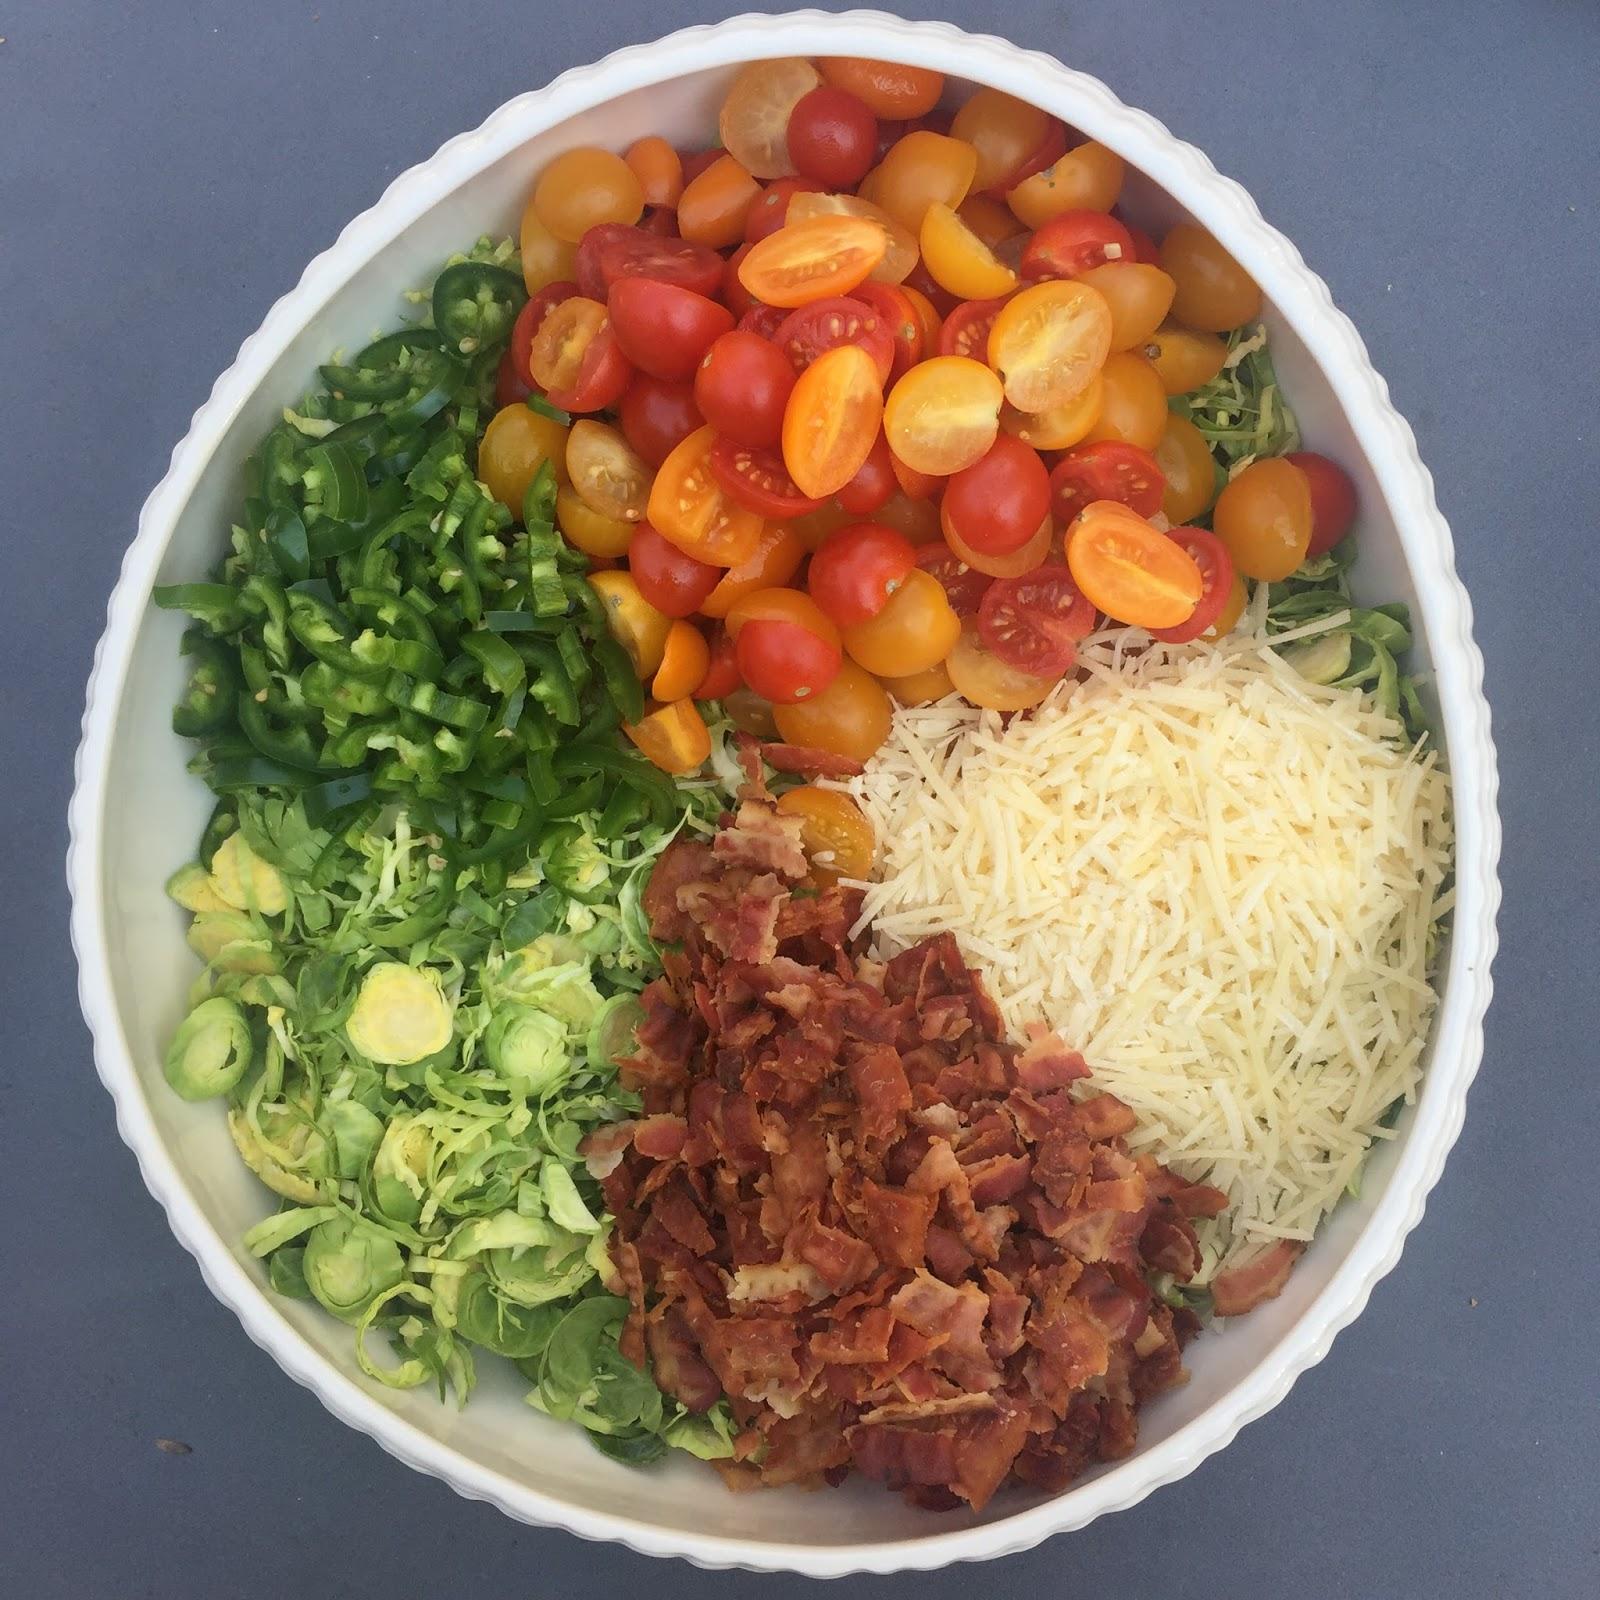 Favorite Thanksgiving Salad + More Black Friday Sales - Designer Bags ...